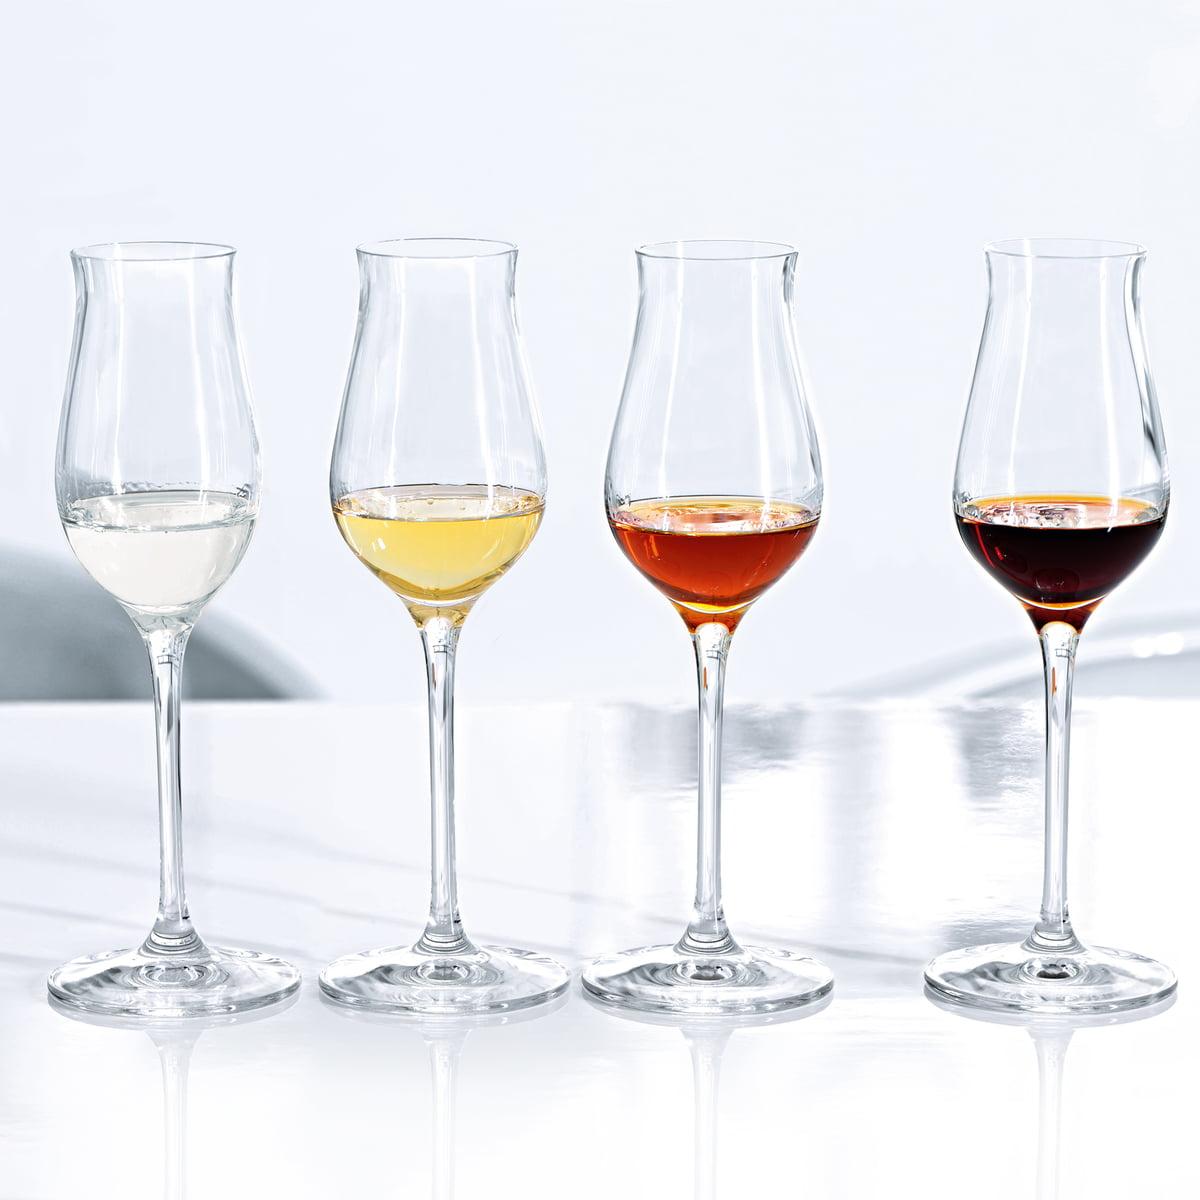 Spiegelau - Digestif Glas (4er-Set) | Küche und Esszimmer > Besteck und Geschirr | Spiegelau